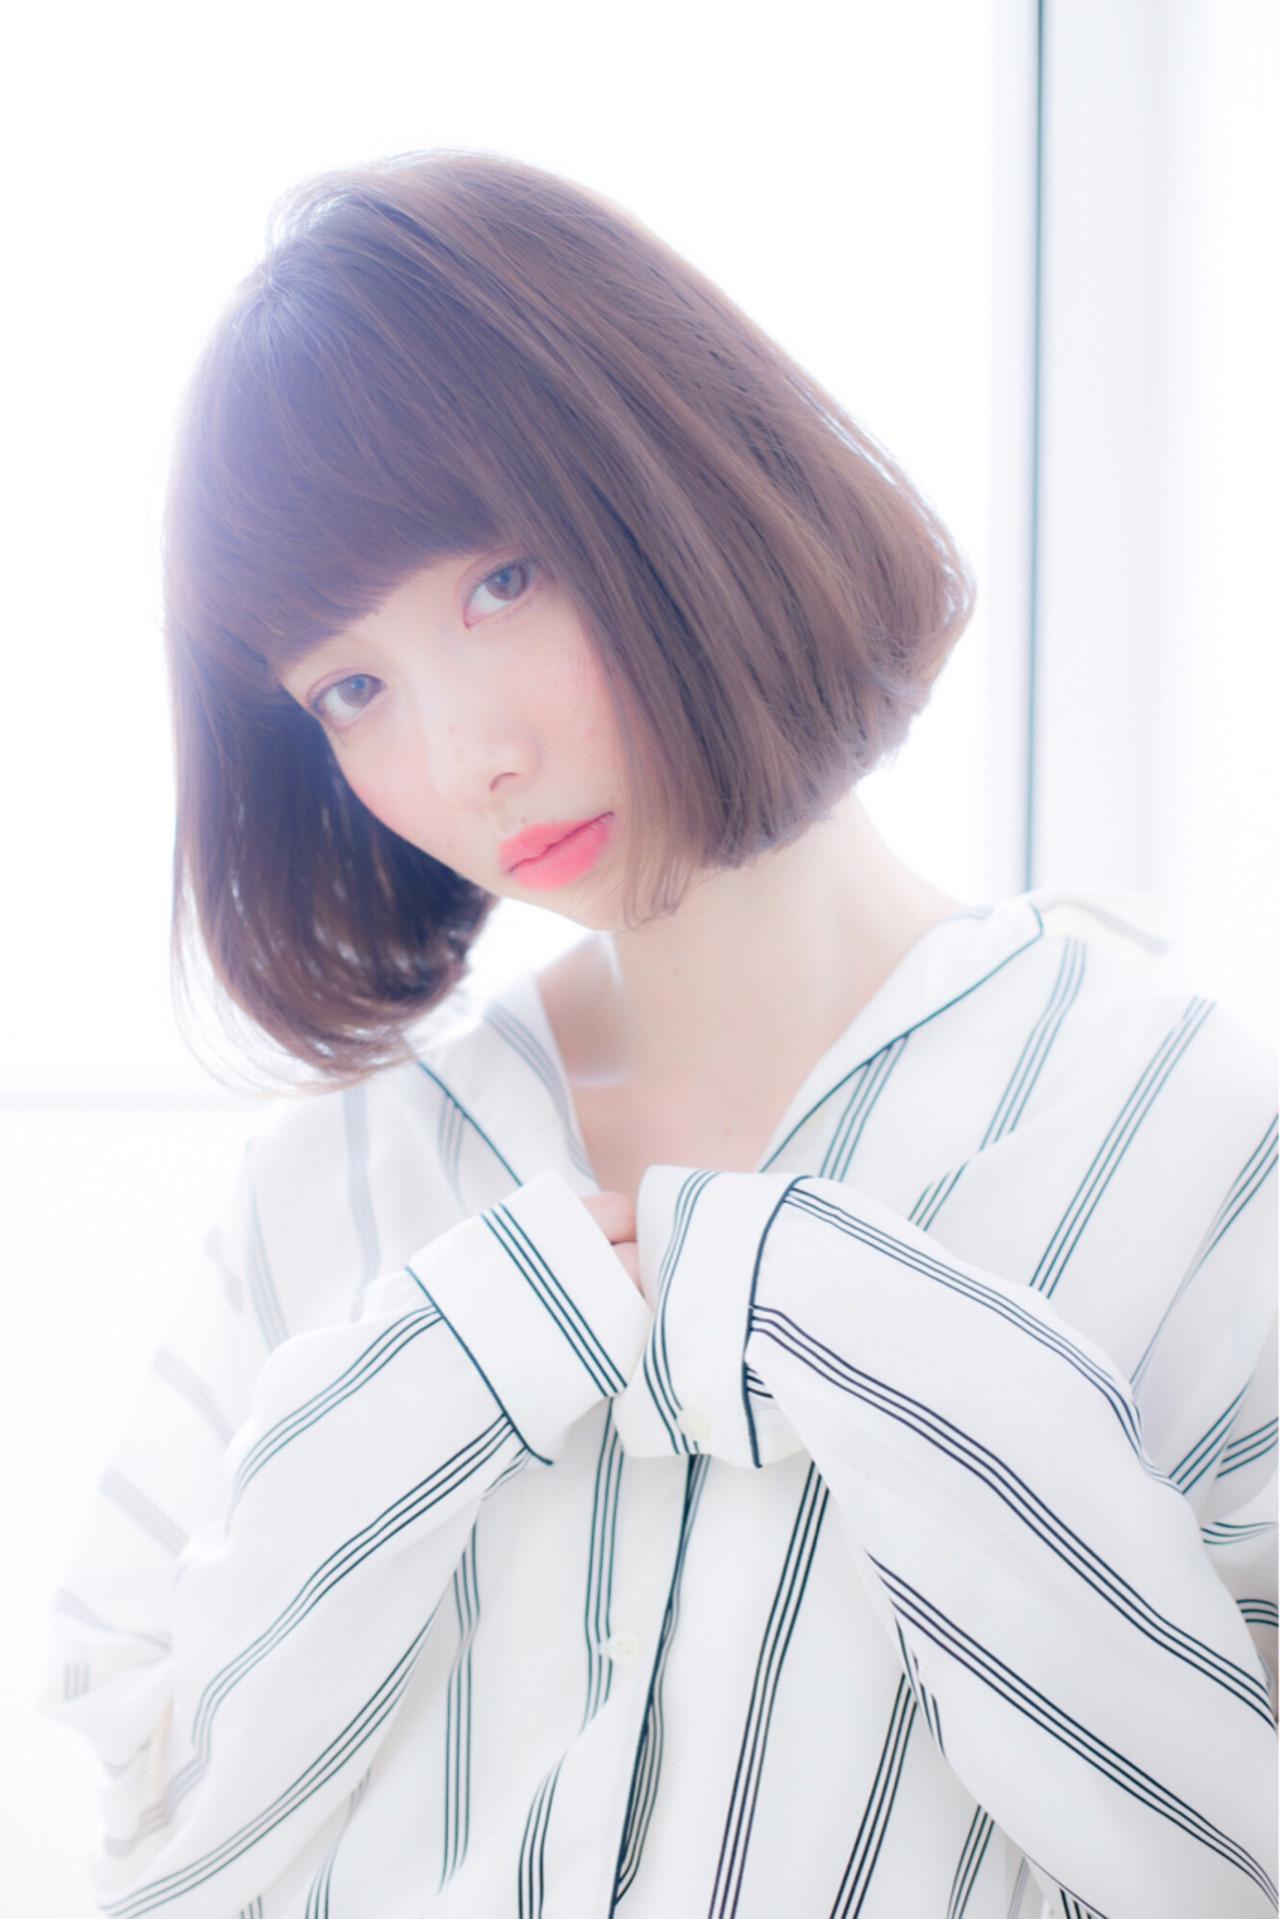 前髪ありタンバルモリヘアの魅力 植原健太 | Euphoria+e60階通り店